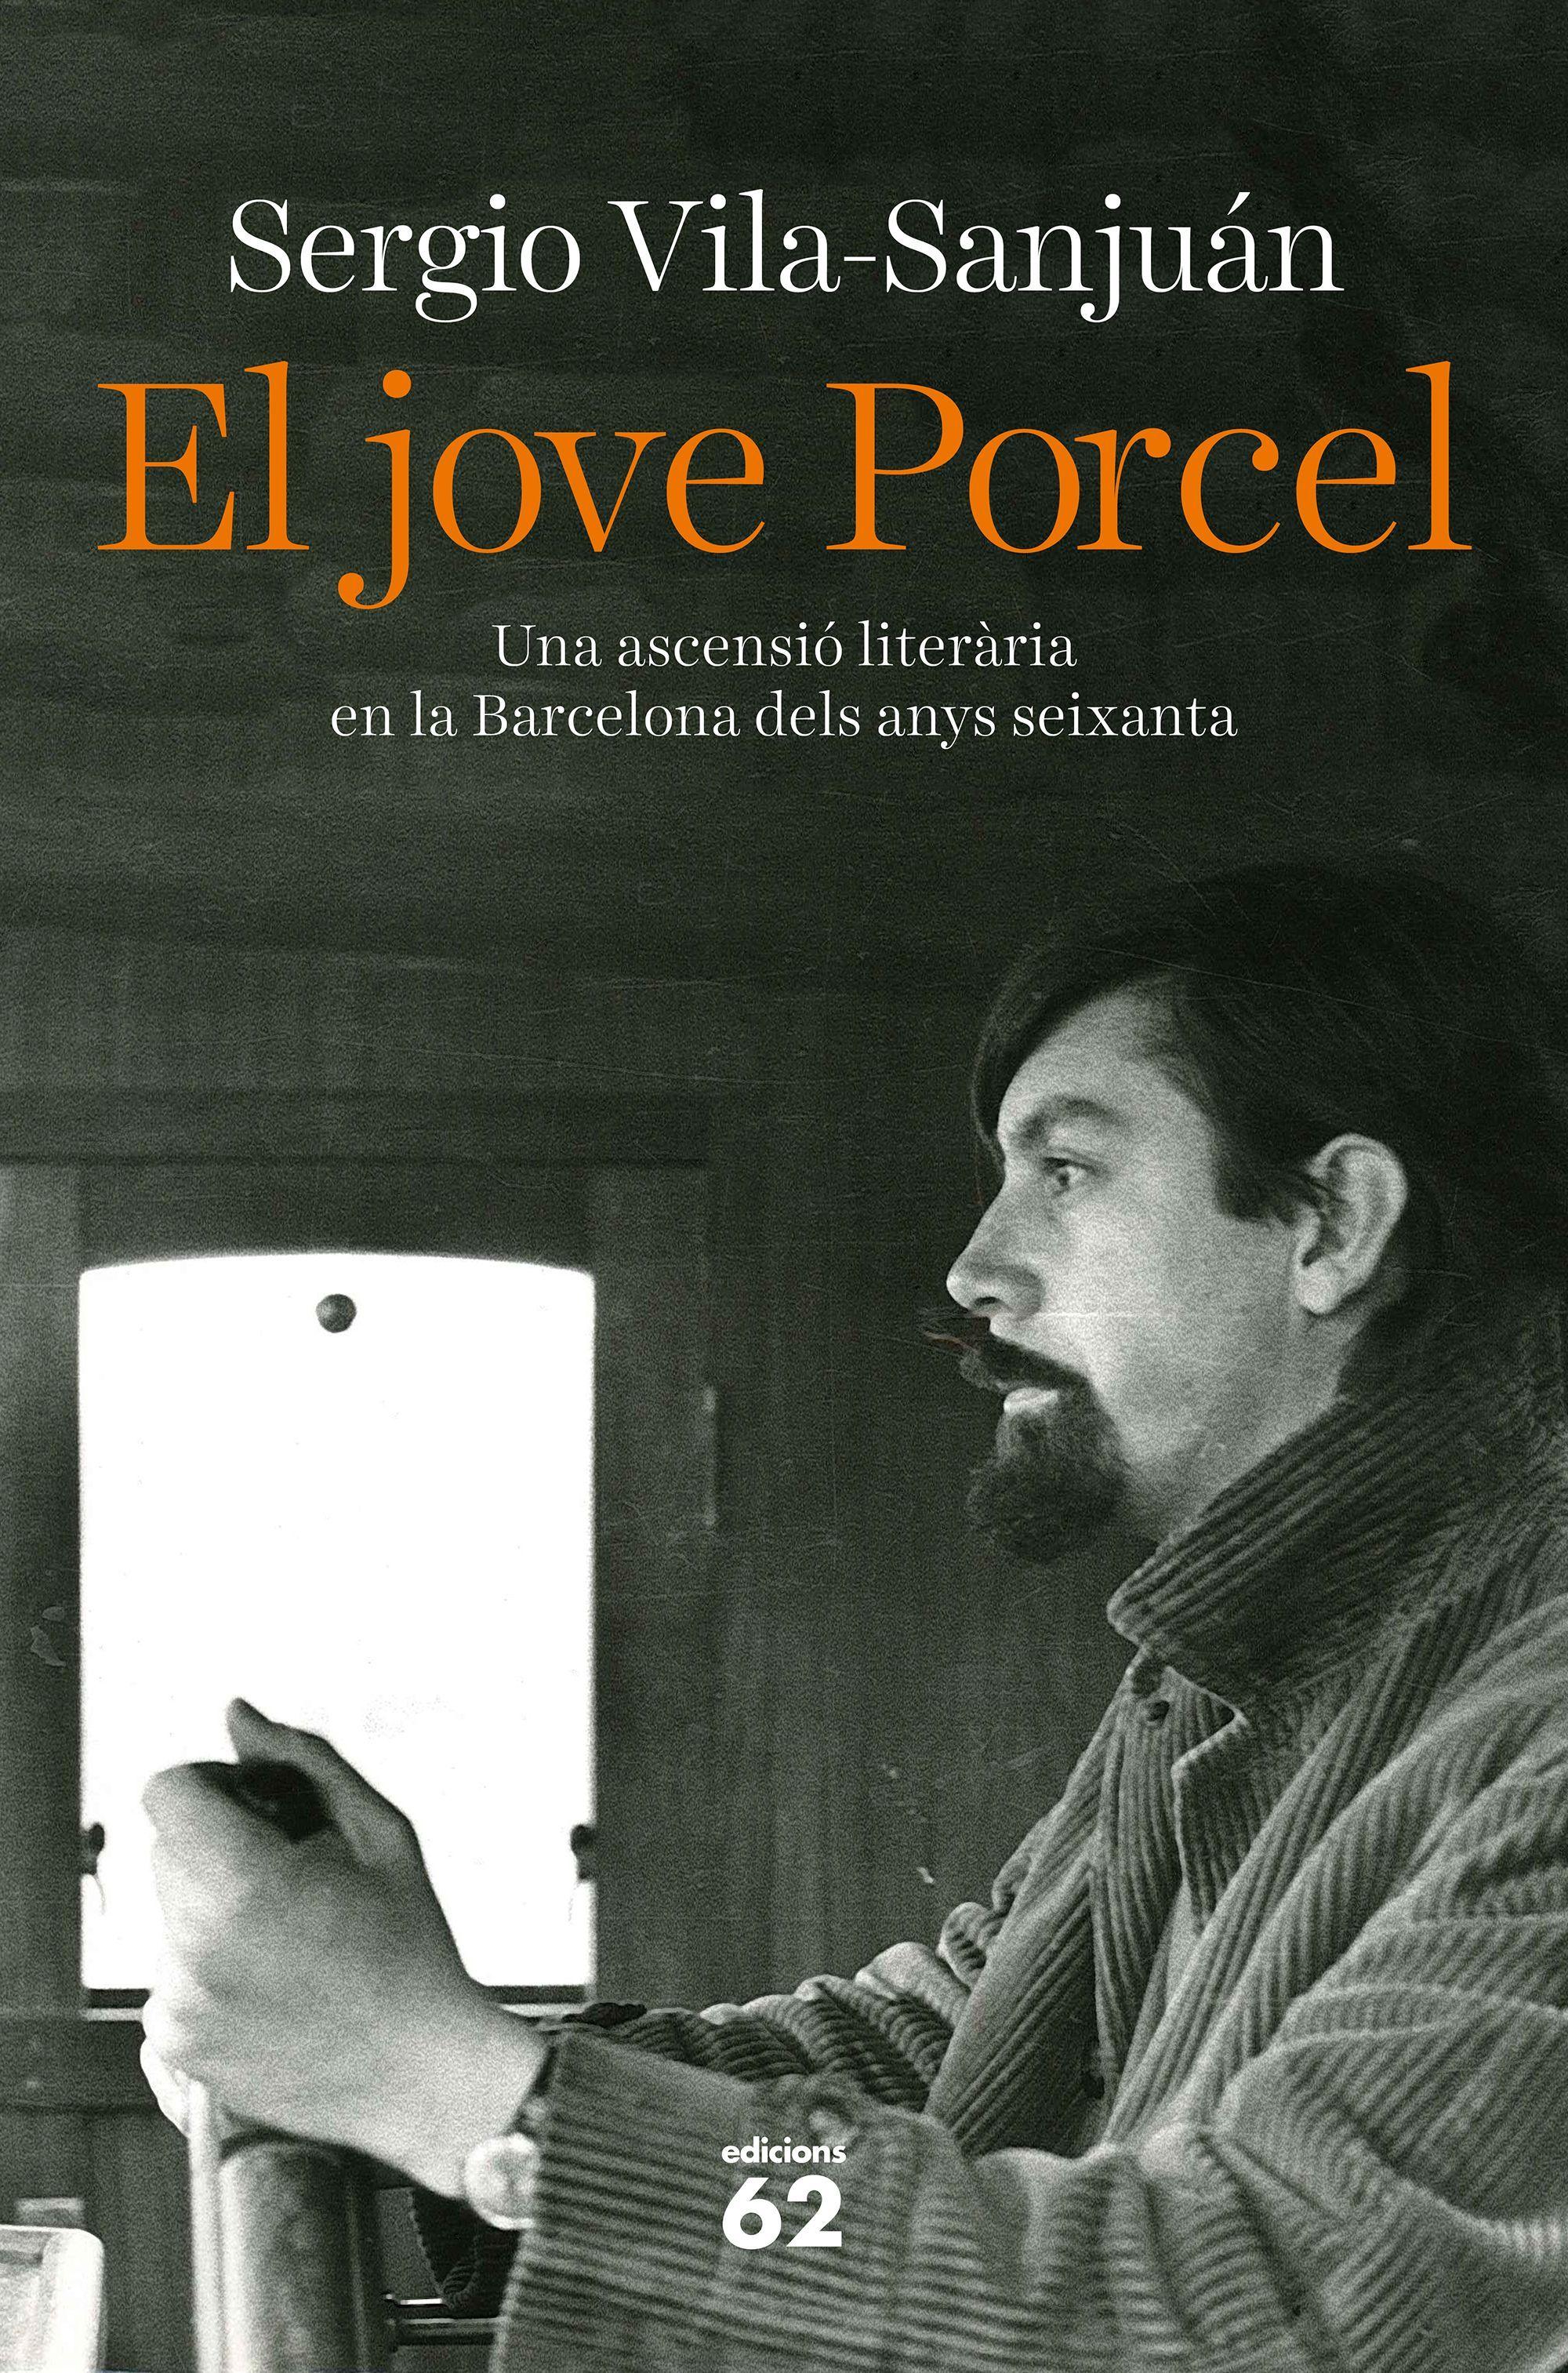 JOVE PORCEL EL